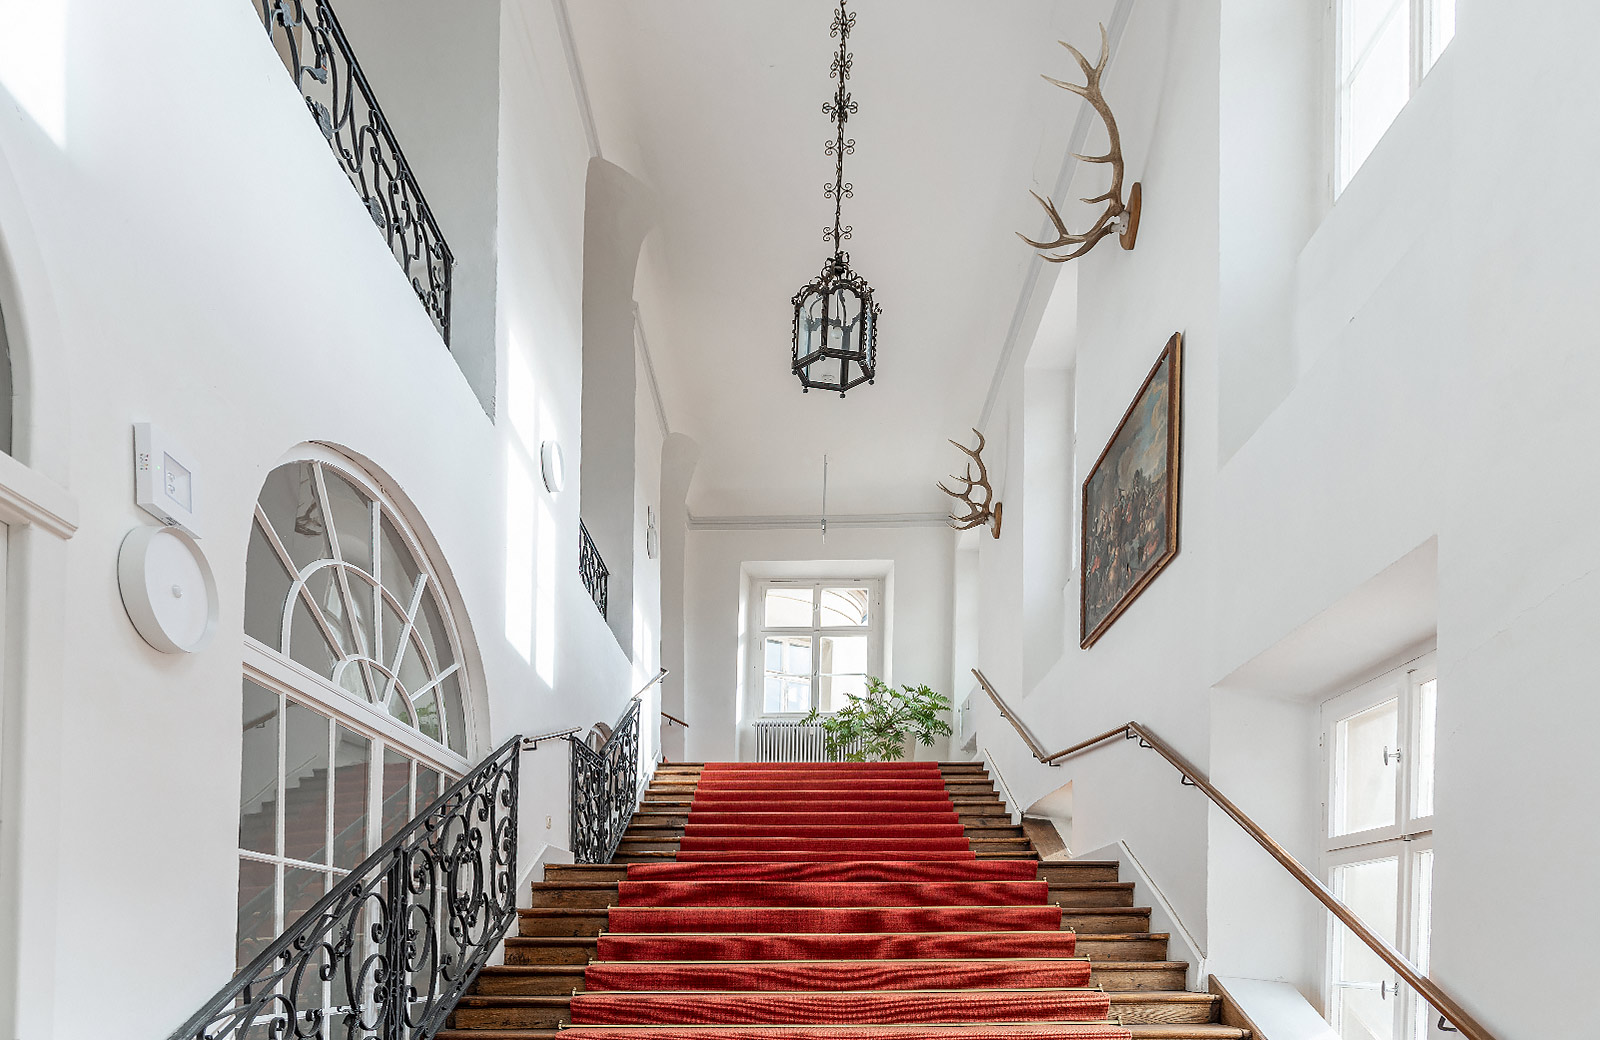 Barockes Treppenhaus Erdgeschoss